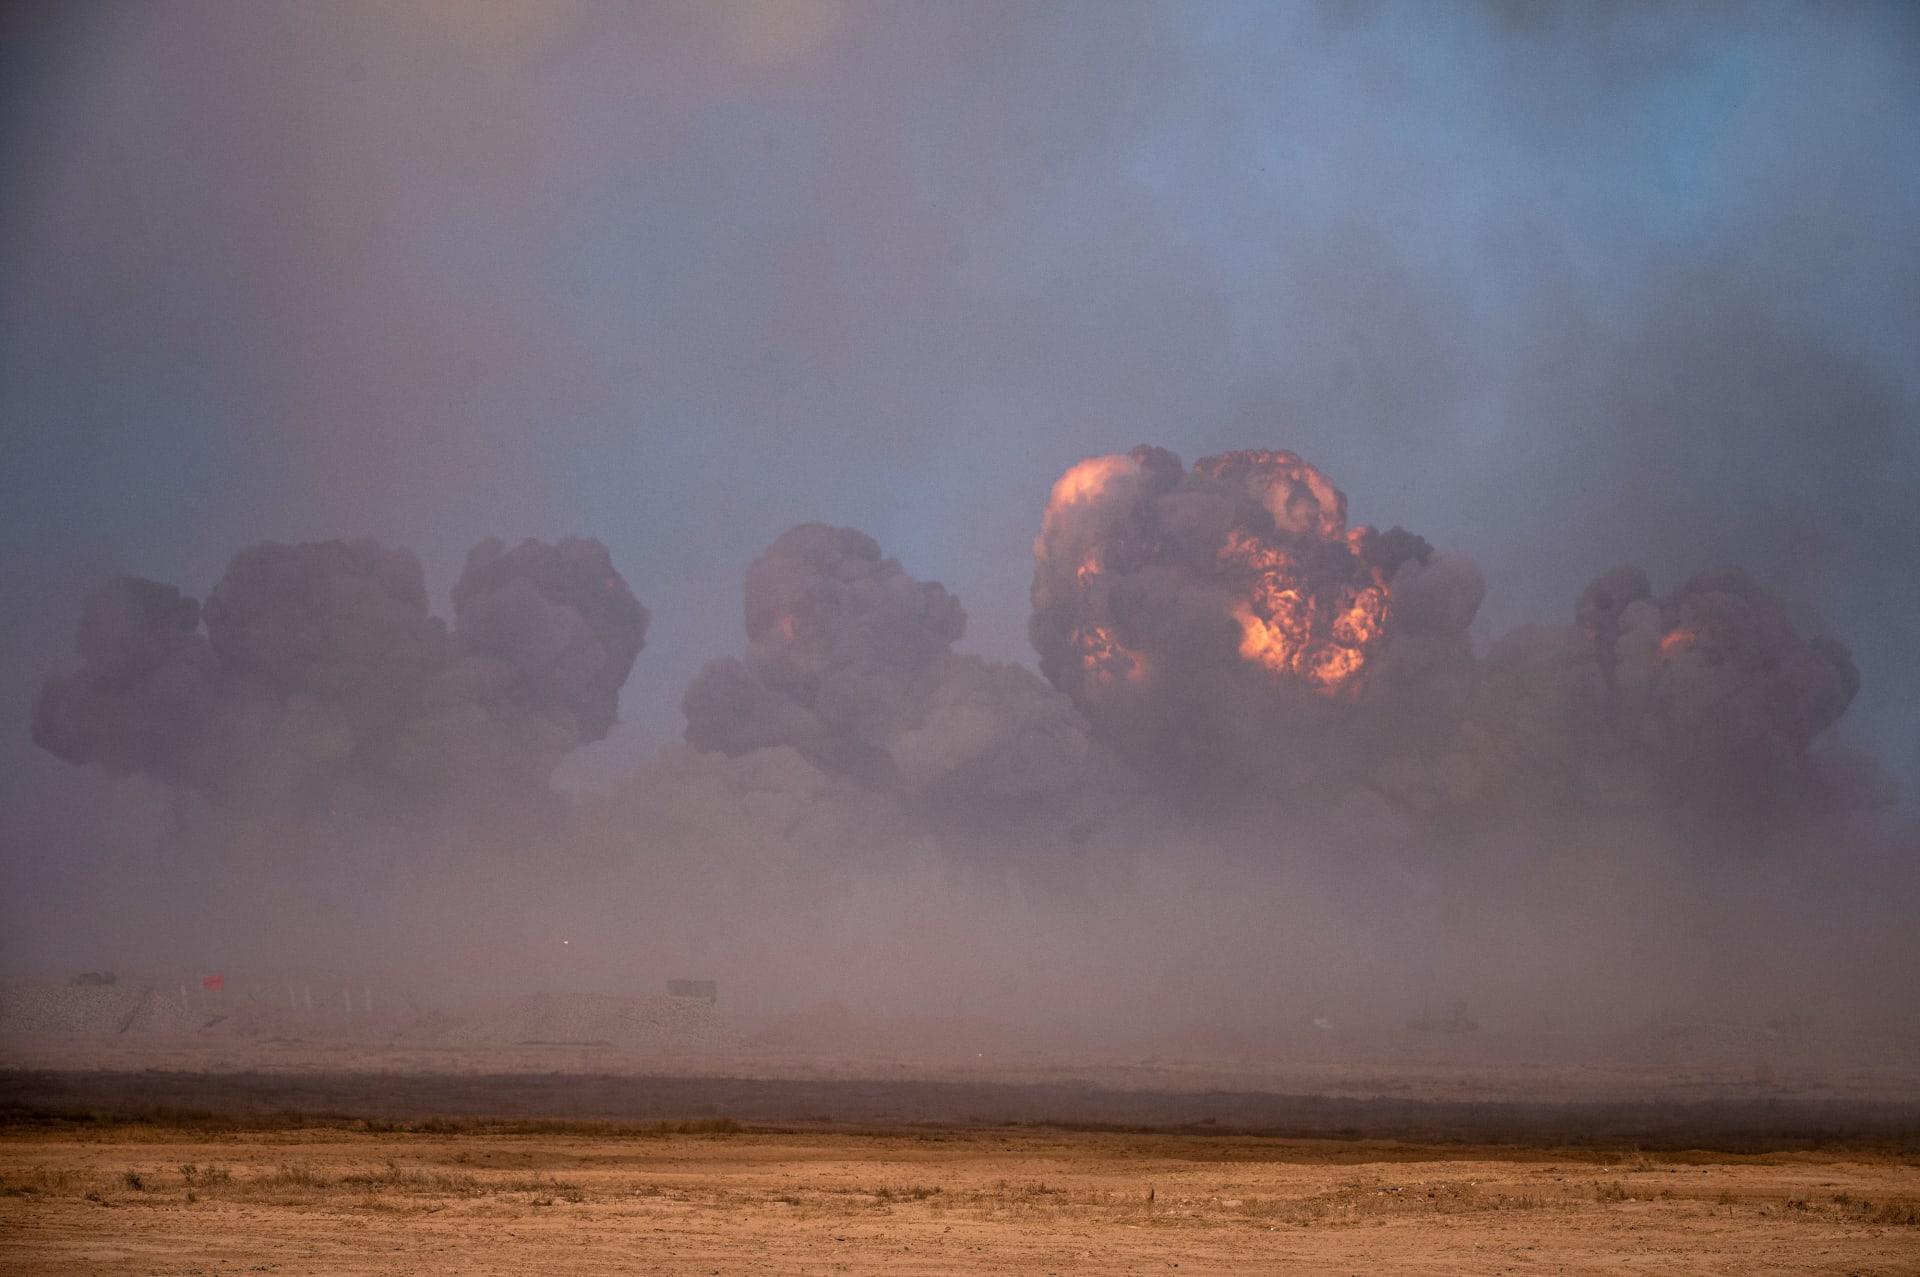 اتهامات متبادلة بقصف المدنيين.. تصعيد عسكري عنيف بين أرمينيا وأذربيجان